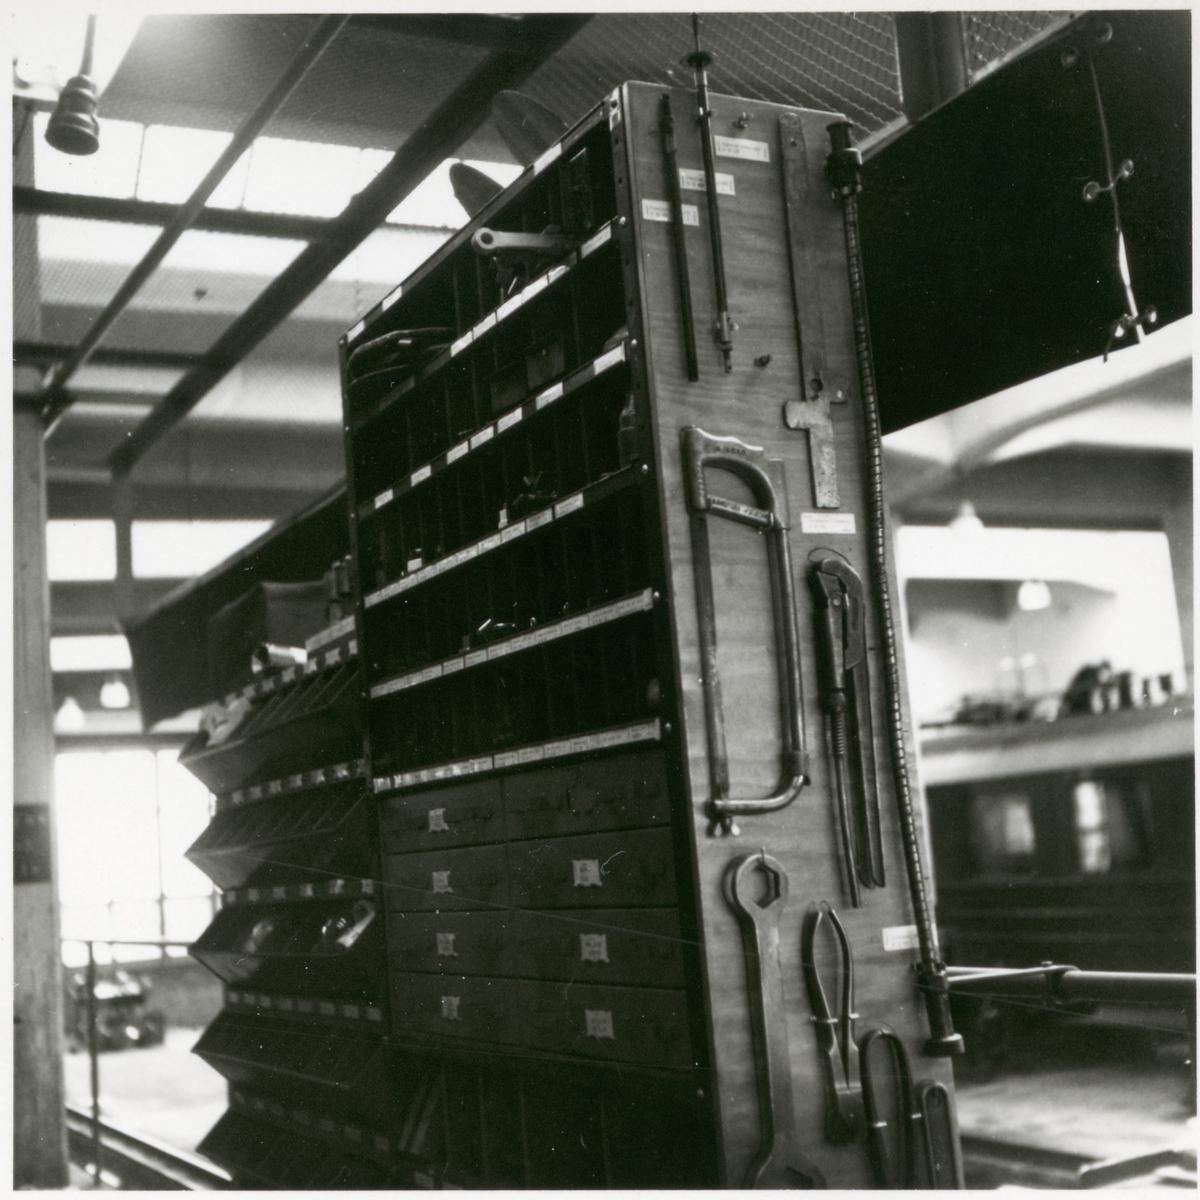 Reservdelar och verktyg i verkstad.